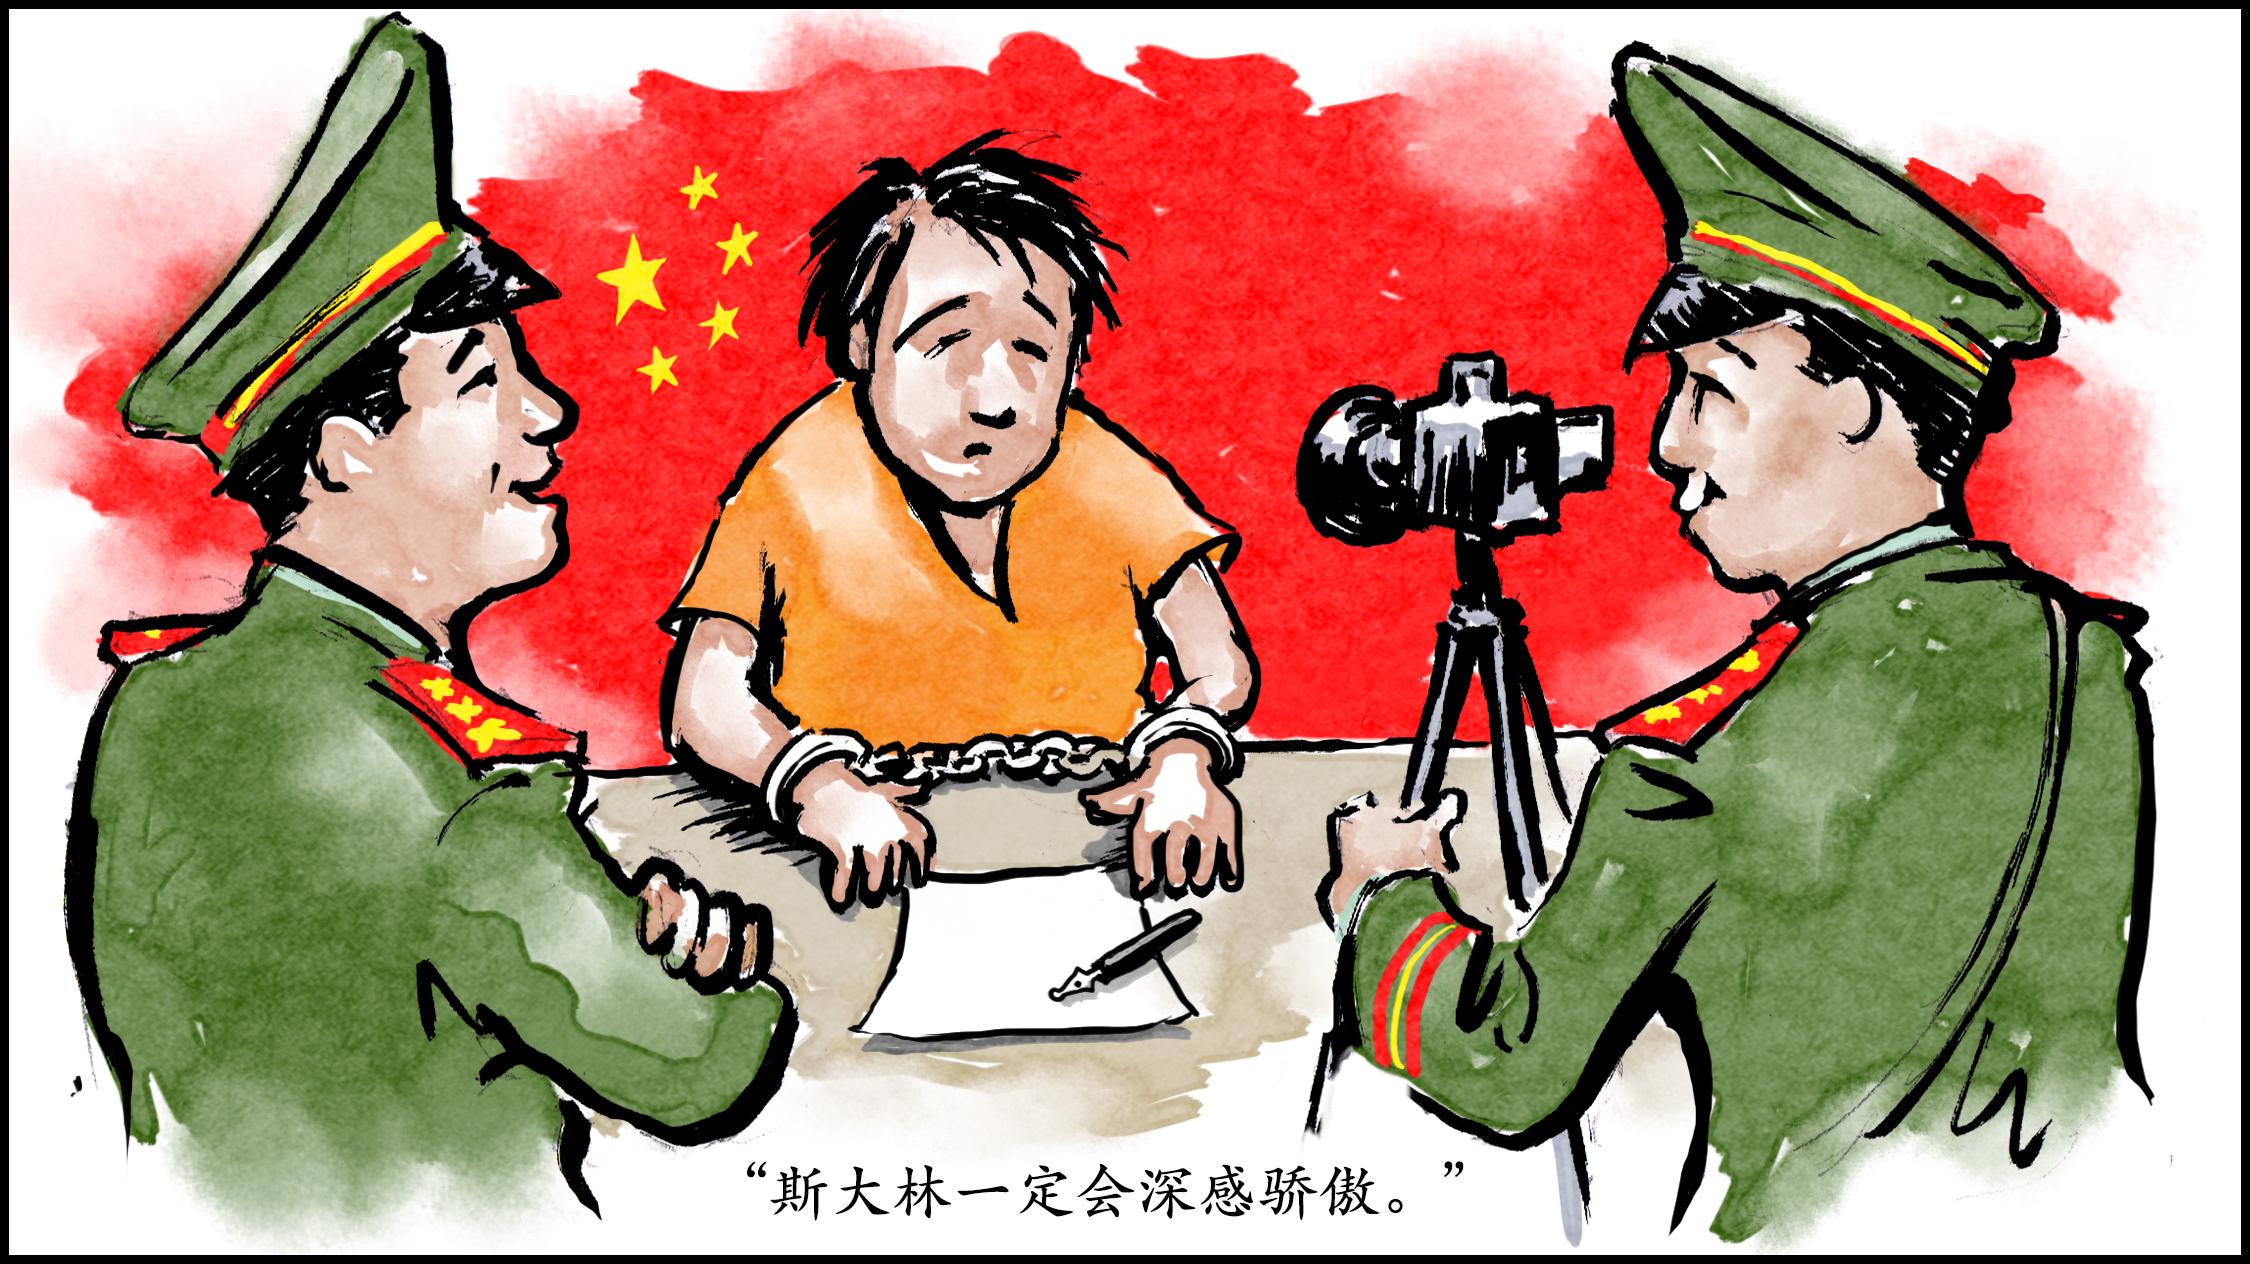 """漫画中有一名男子戴着手铐在摄像机前接受审问,还有一名中国官员对另一名中国官员说""""斯大林一定会深感骄傲。""""(美国国务院/D. Thompson)"""